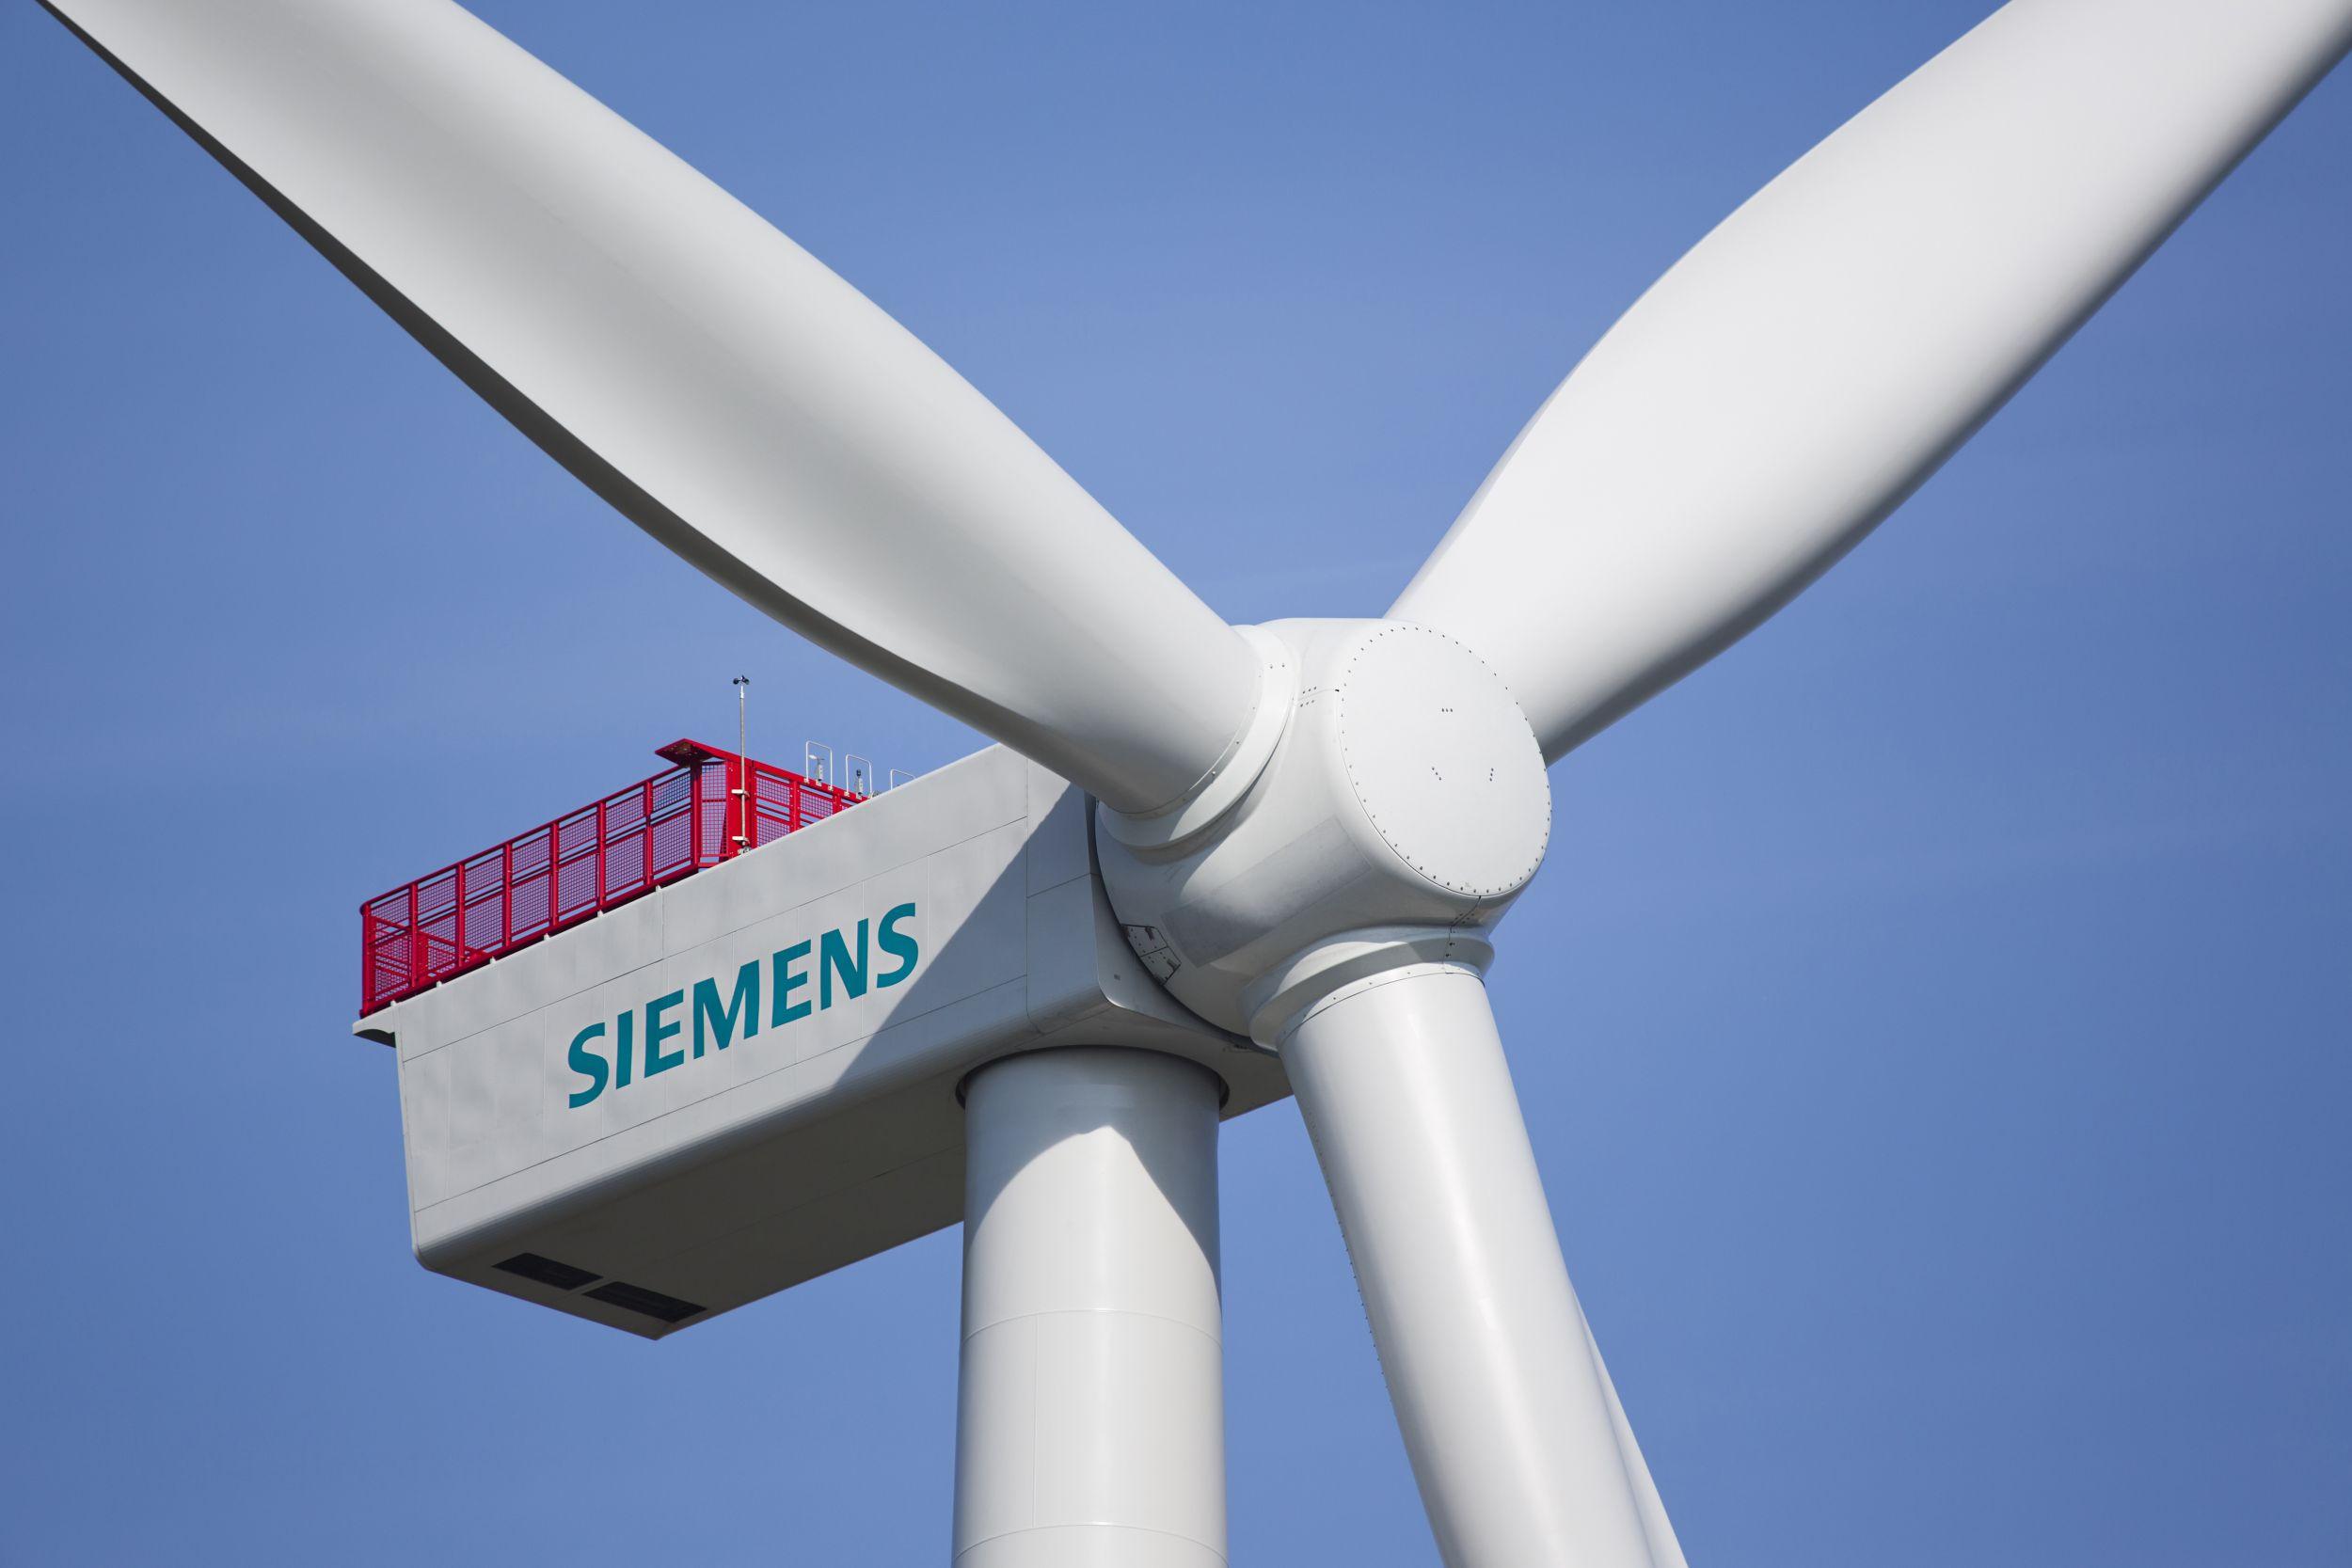 Zusammenschluss von Siemens Wind Power mit Gamesa kartellrechtlich genehmigt